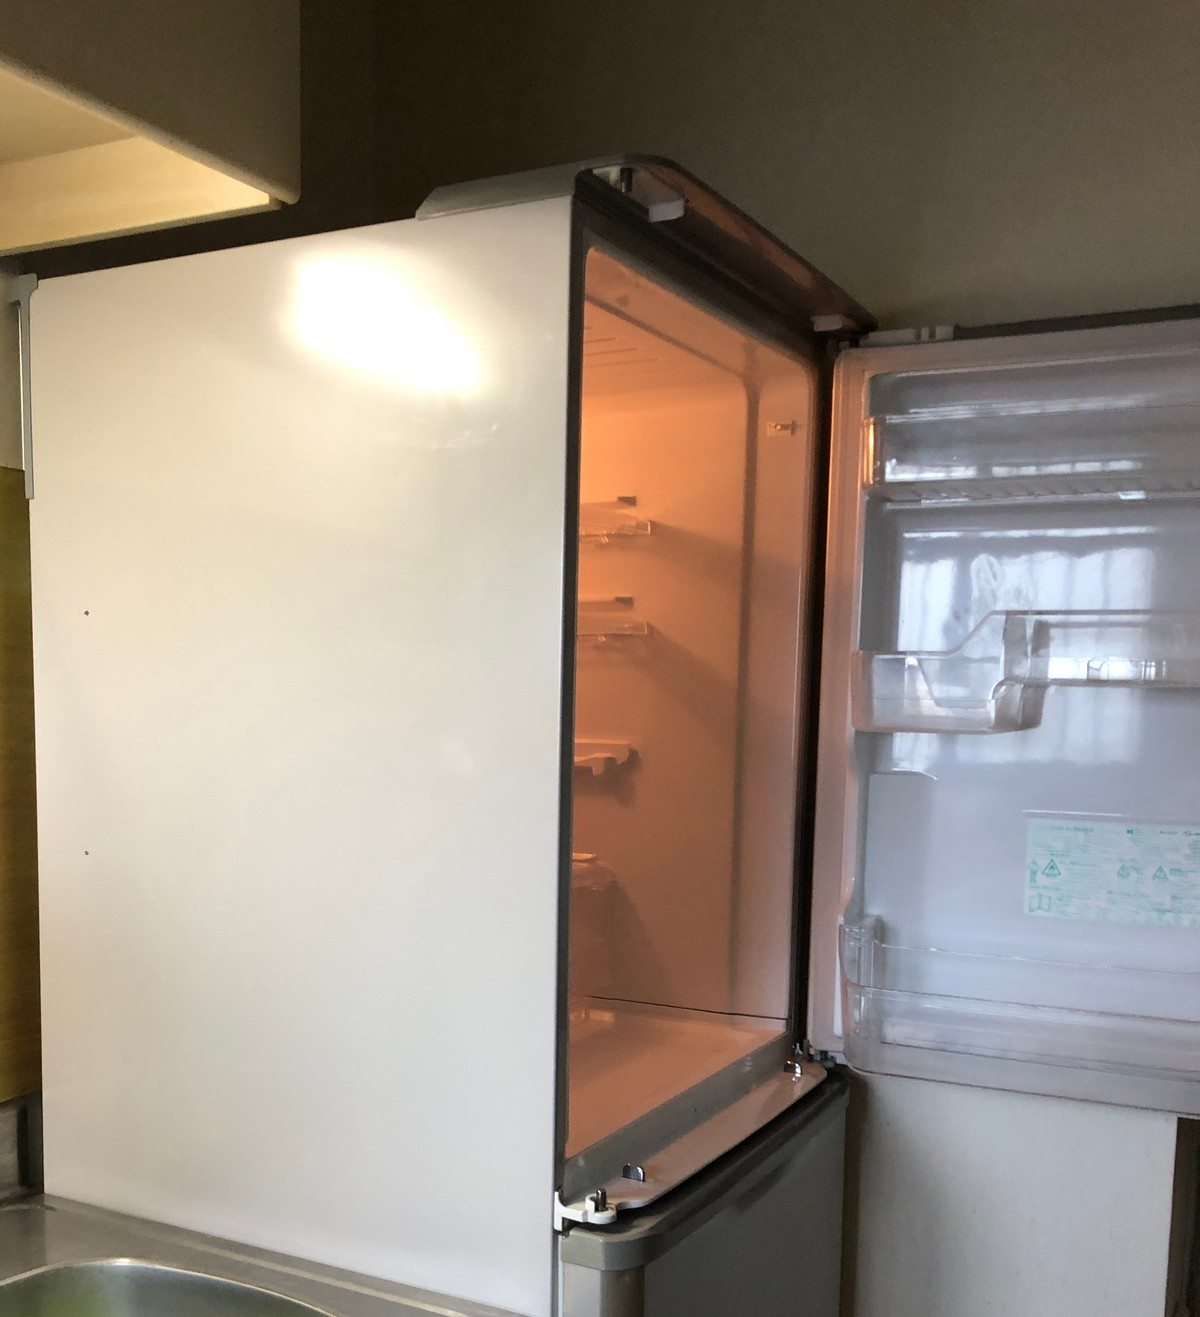 中古冷蔵庫を開ける